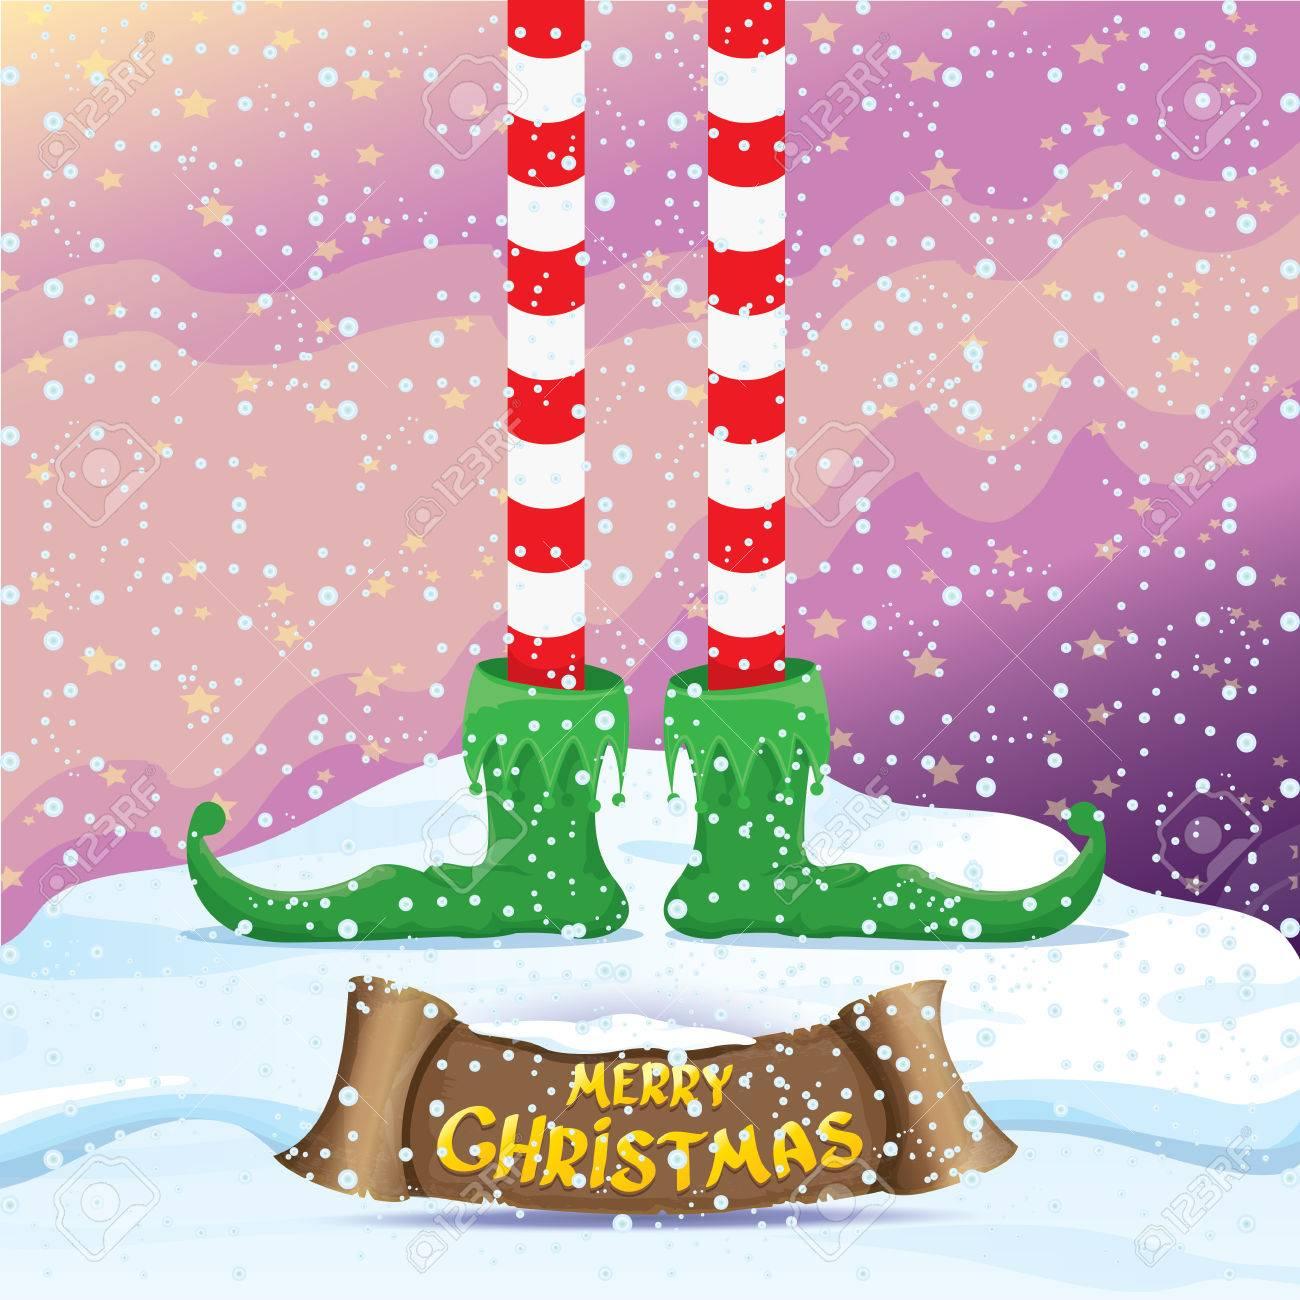 Dibujos De Navidad Creativos.Vectorial Feliz Tarjeta De Felicitacion De Navidad Creativo Con Elfs De Dibujos Animados Piernas En El Polo Norte Cubierto De Nieve Con Luces De